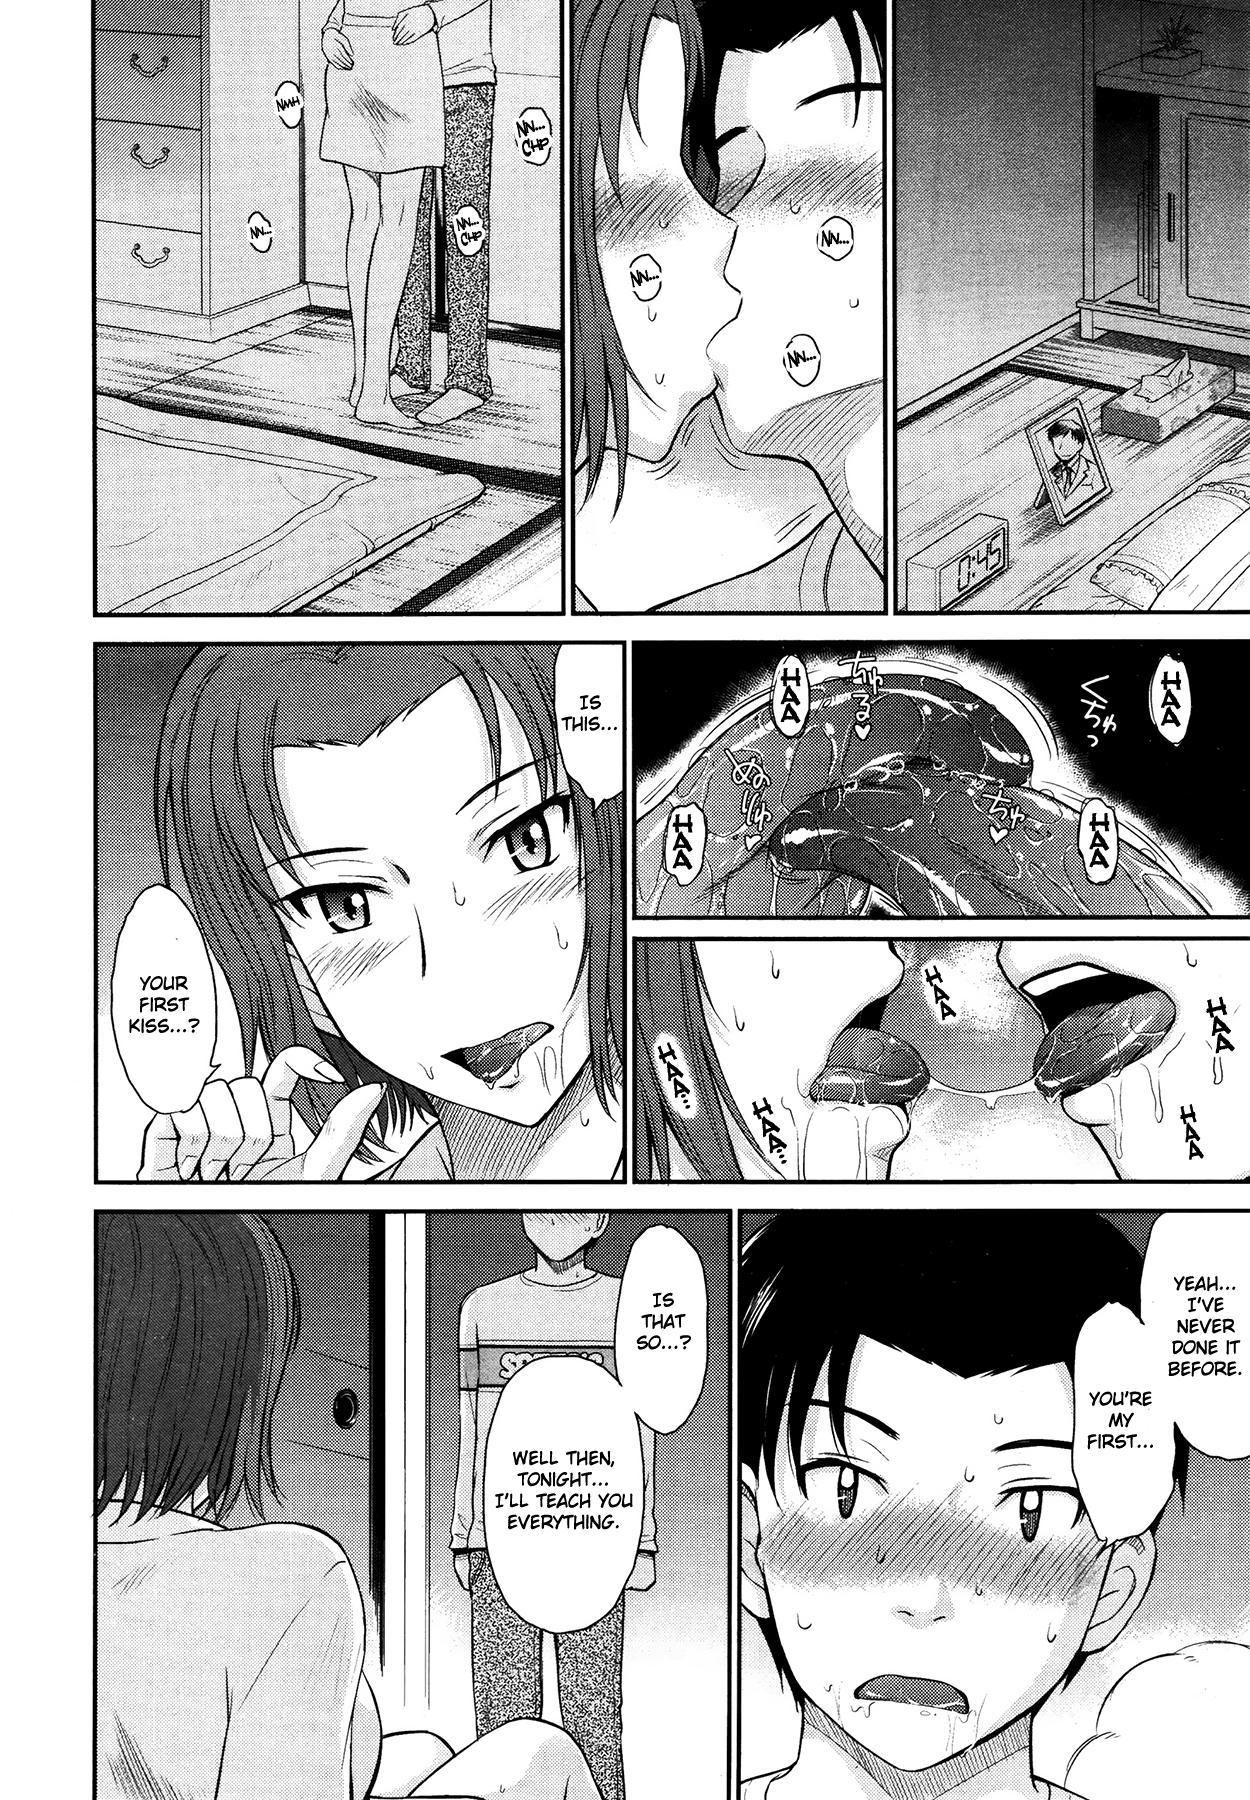 [Tsukino Jyogi] Boku no Yayoi-san ch.1-4 [English] =Krizalid= 9